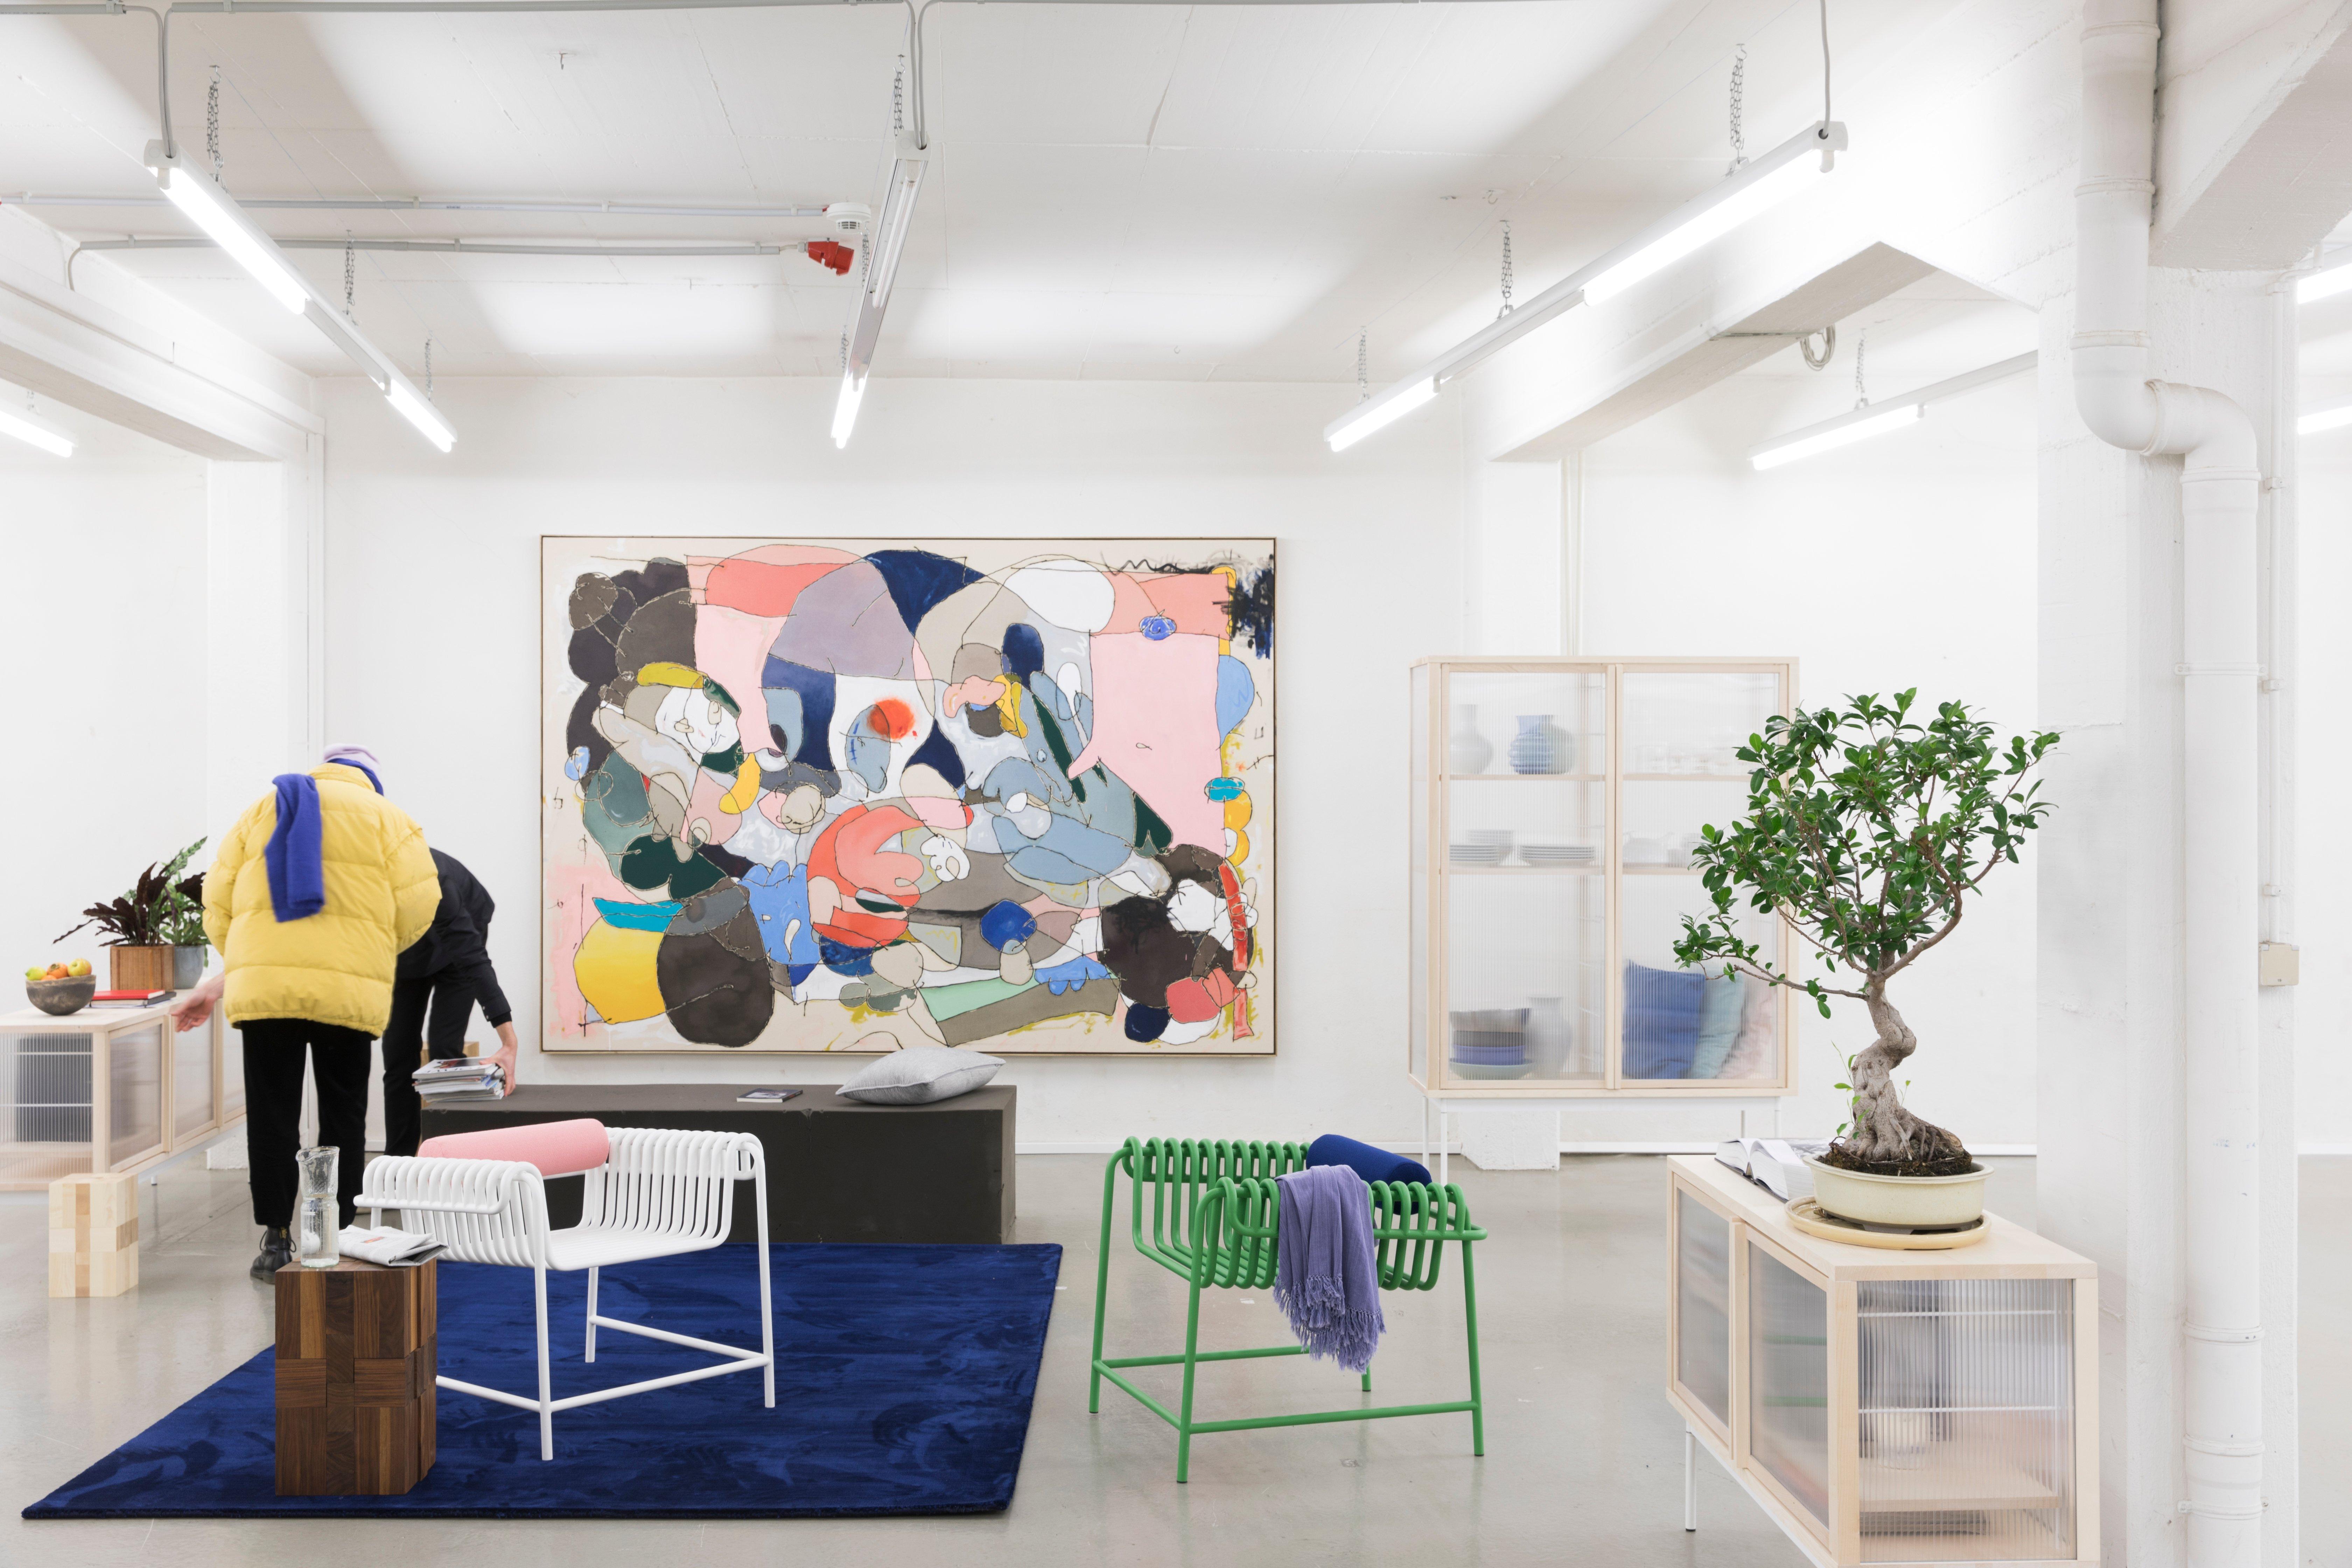 Galerie Teppich kymo Möbel und Foto Blockbau_MICHELLEMANTEL